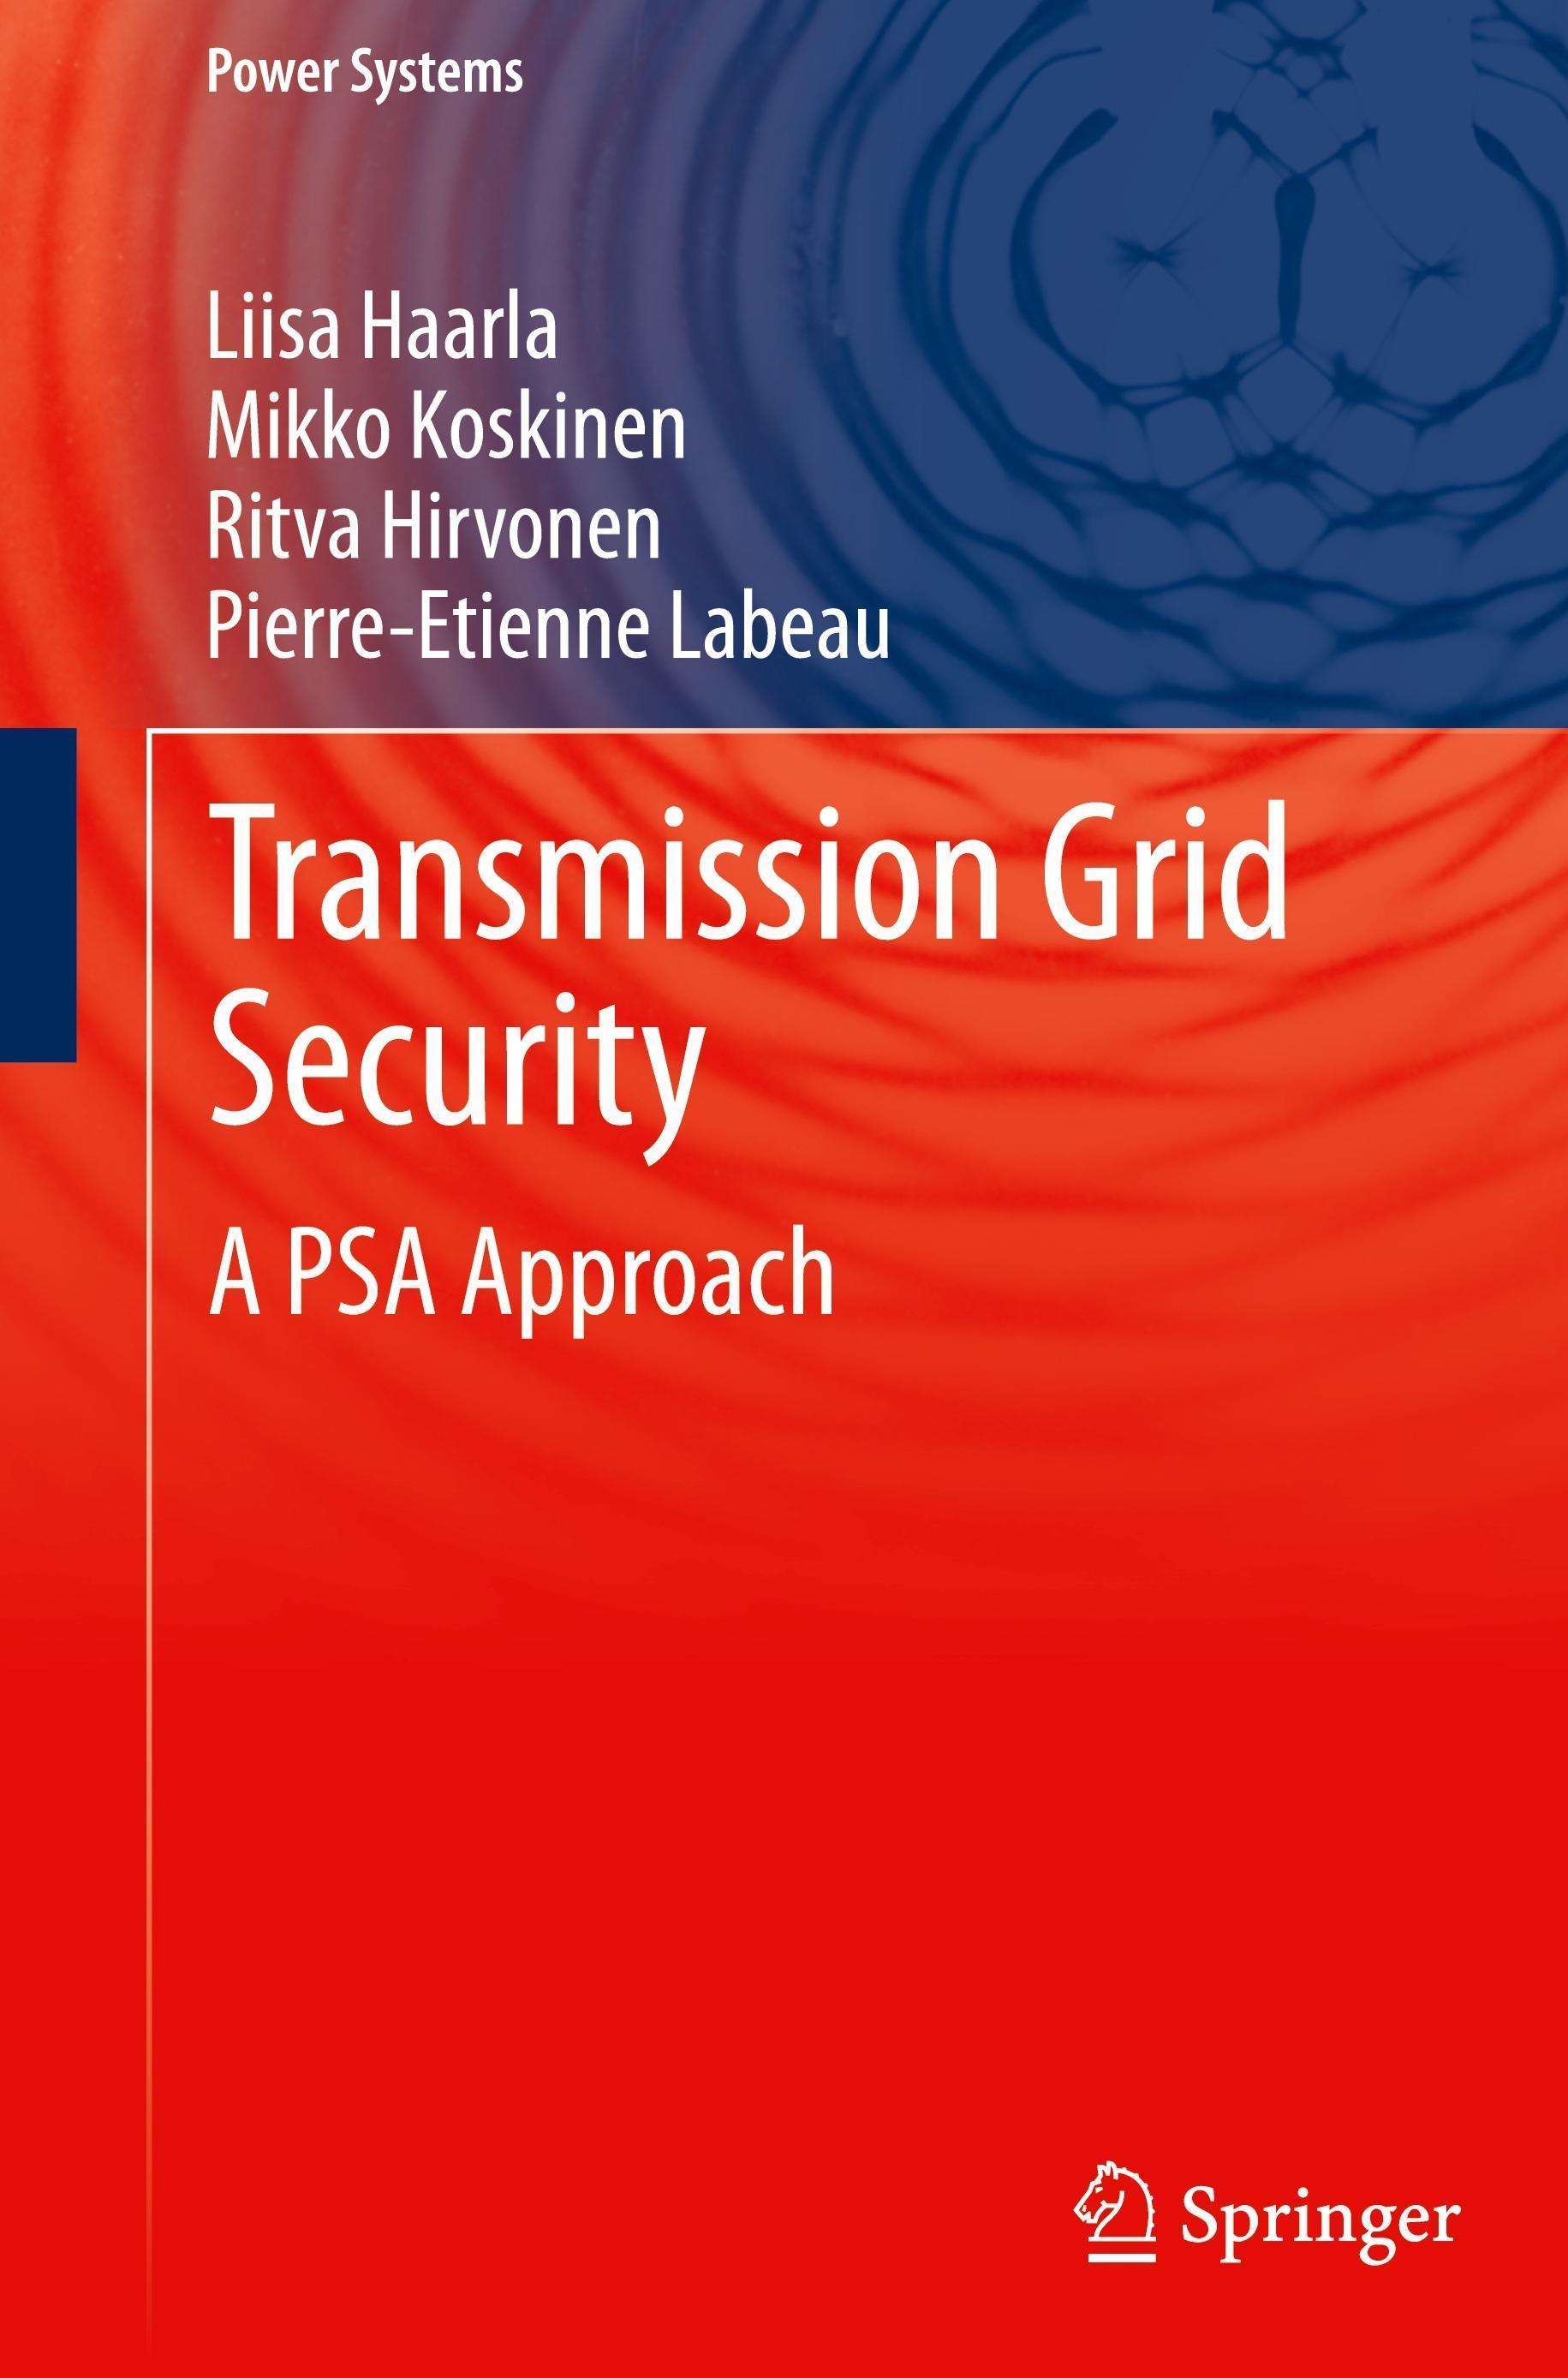 Transmission Grid Security Liisa Haarla